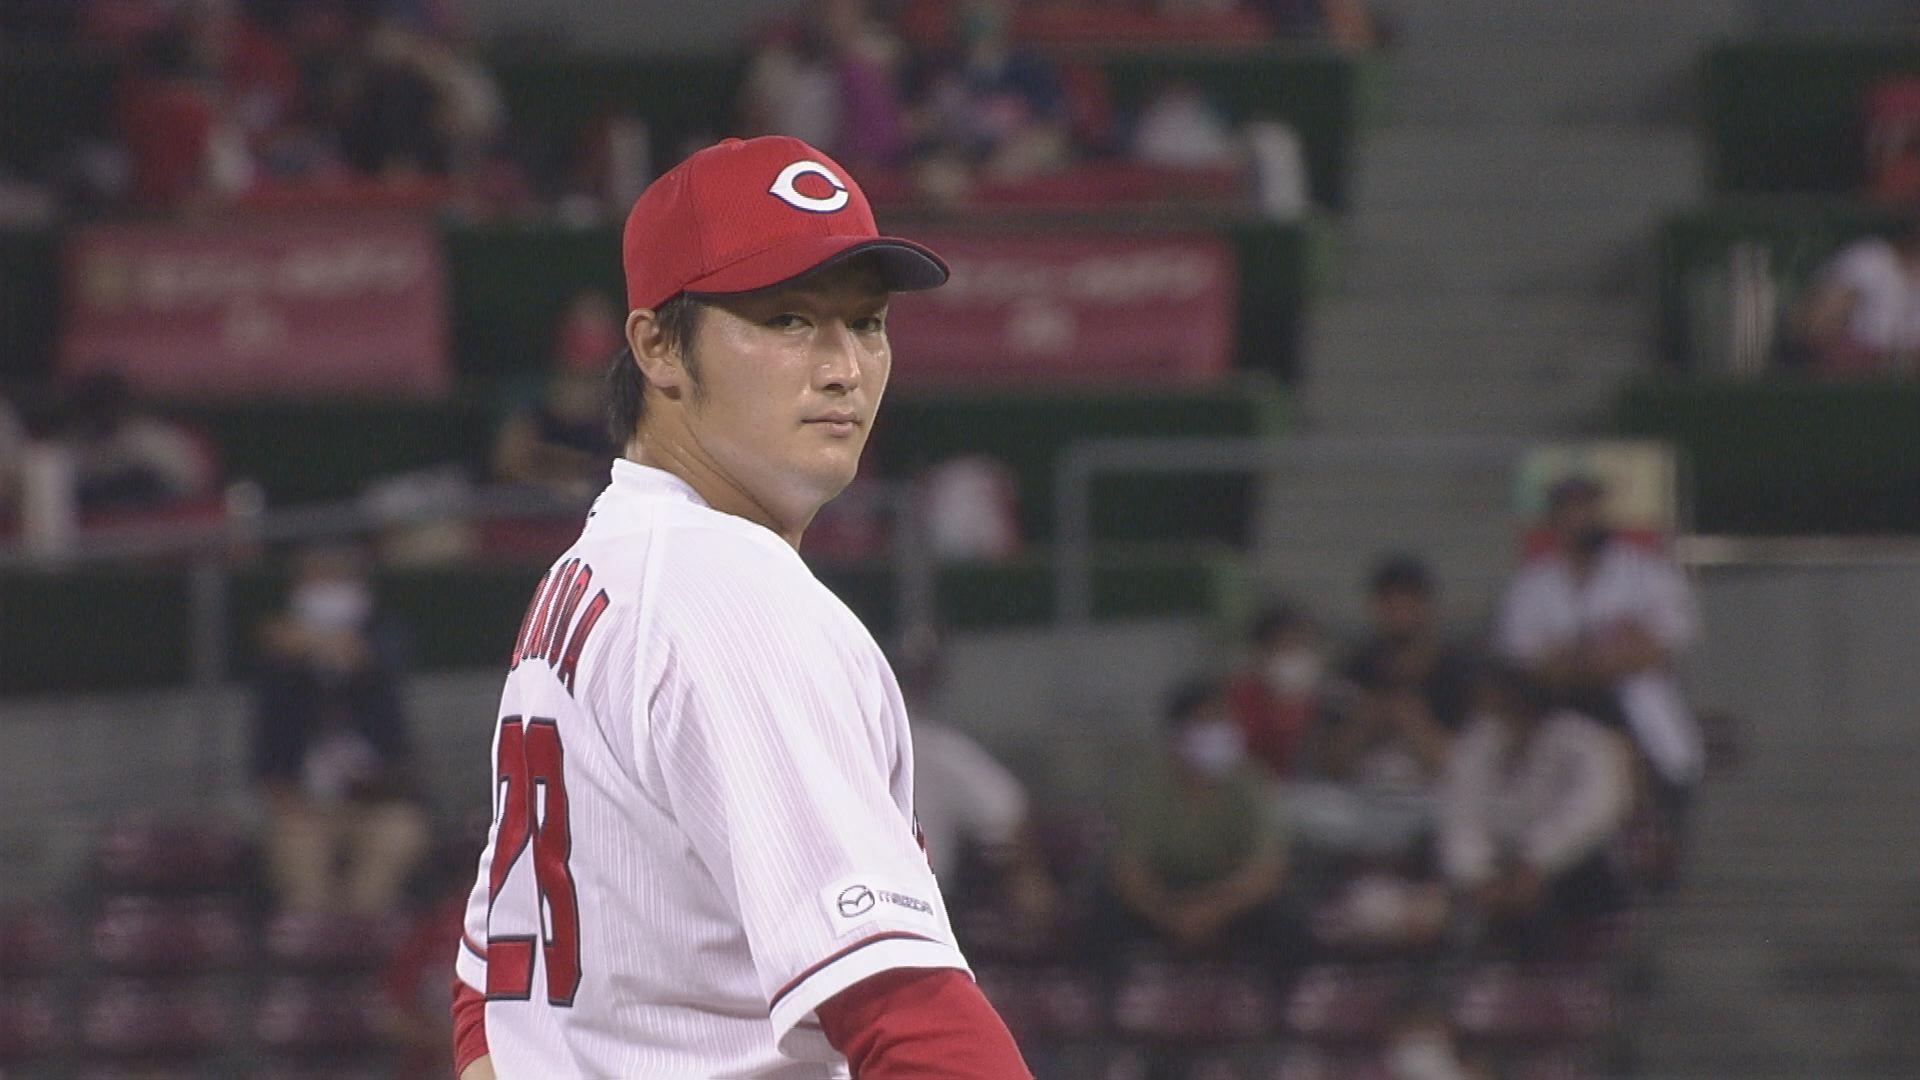 床田寛樹(とこだ ひろき)投手